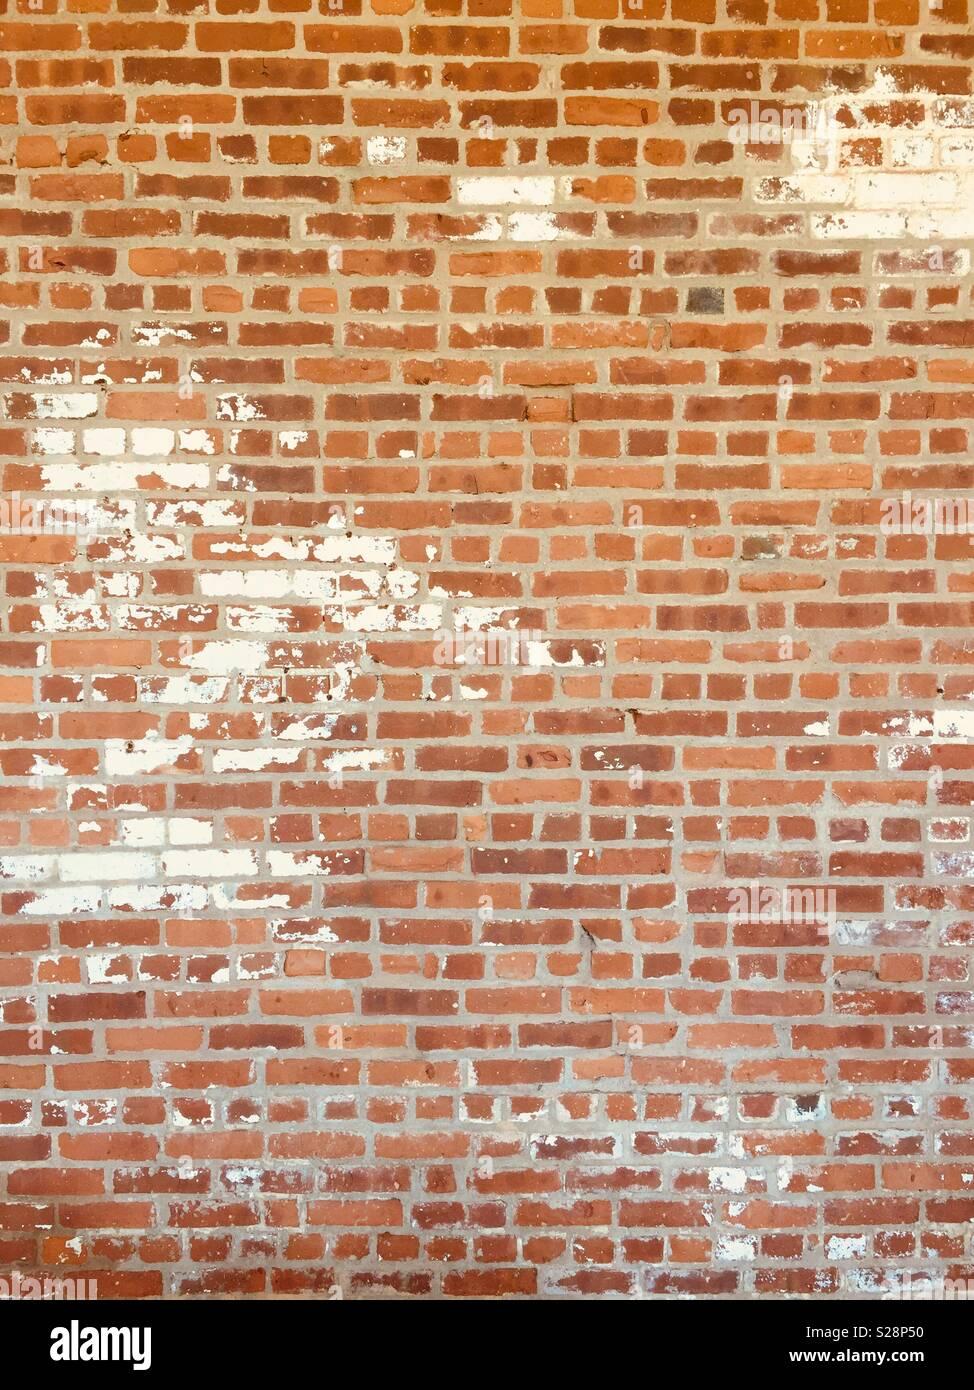 Brick Wall mit einigen Beschädigungen Stockbild